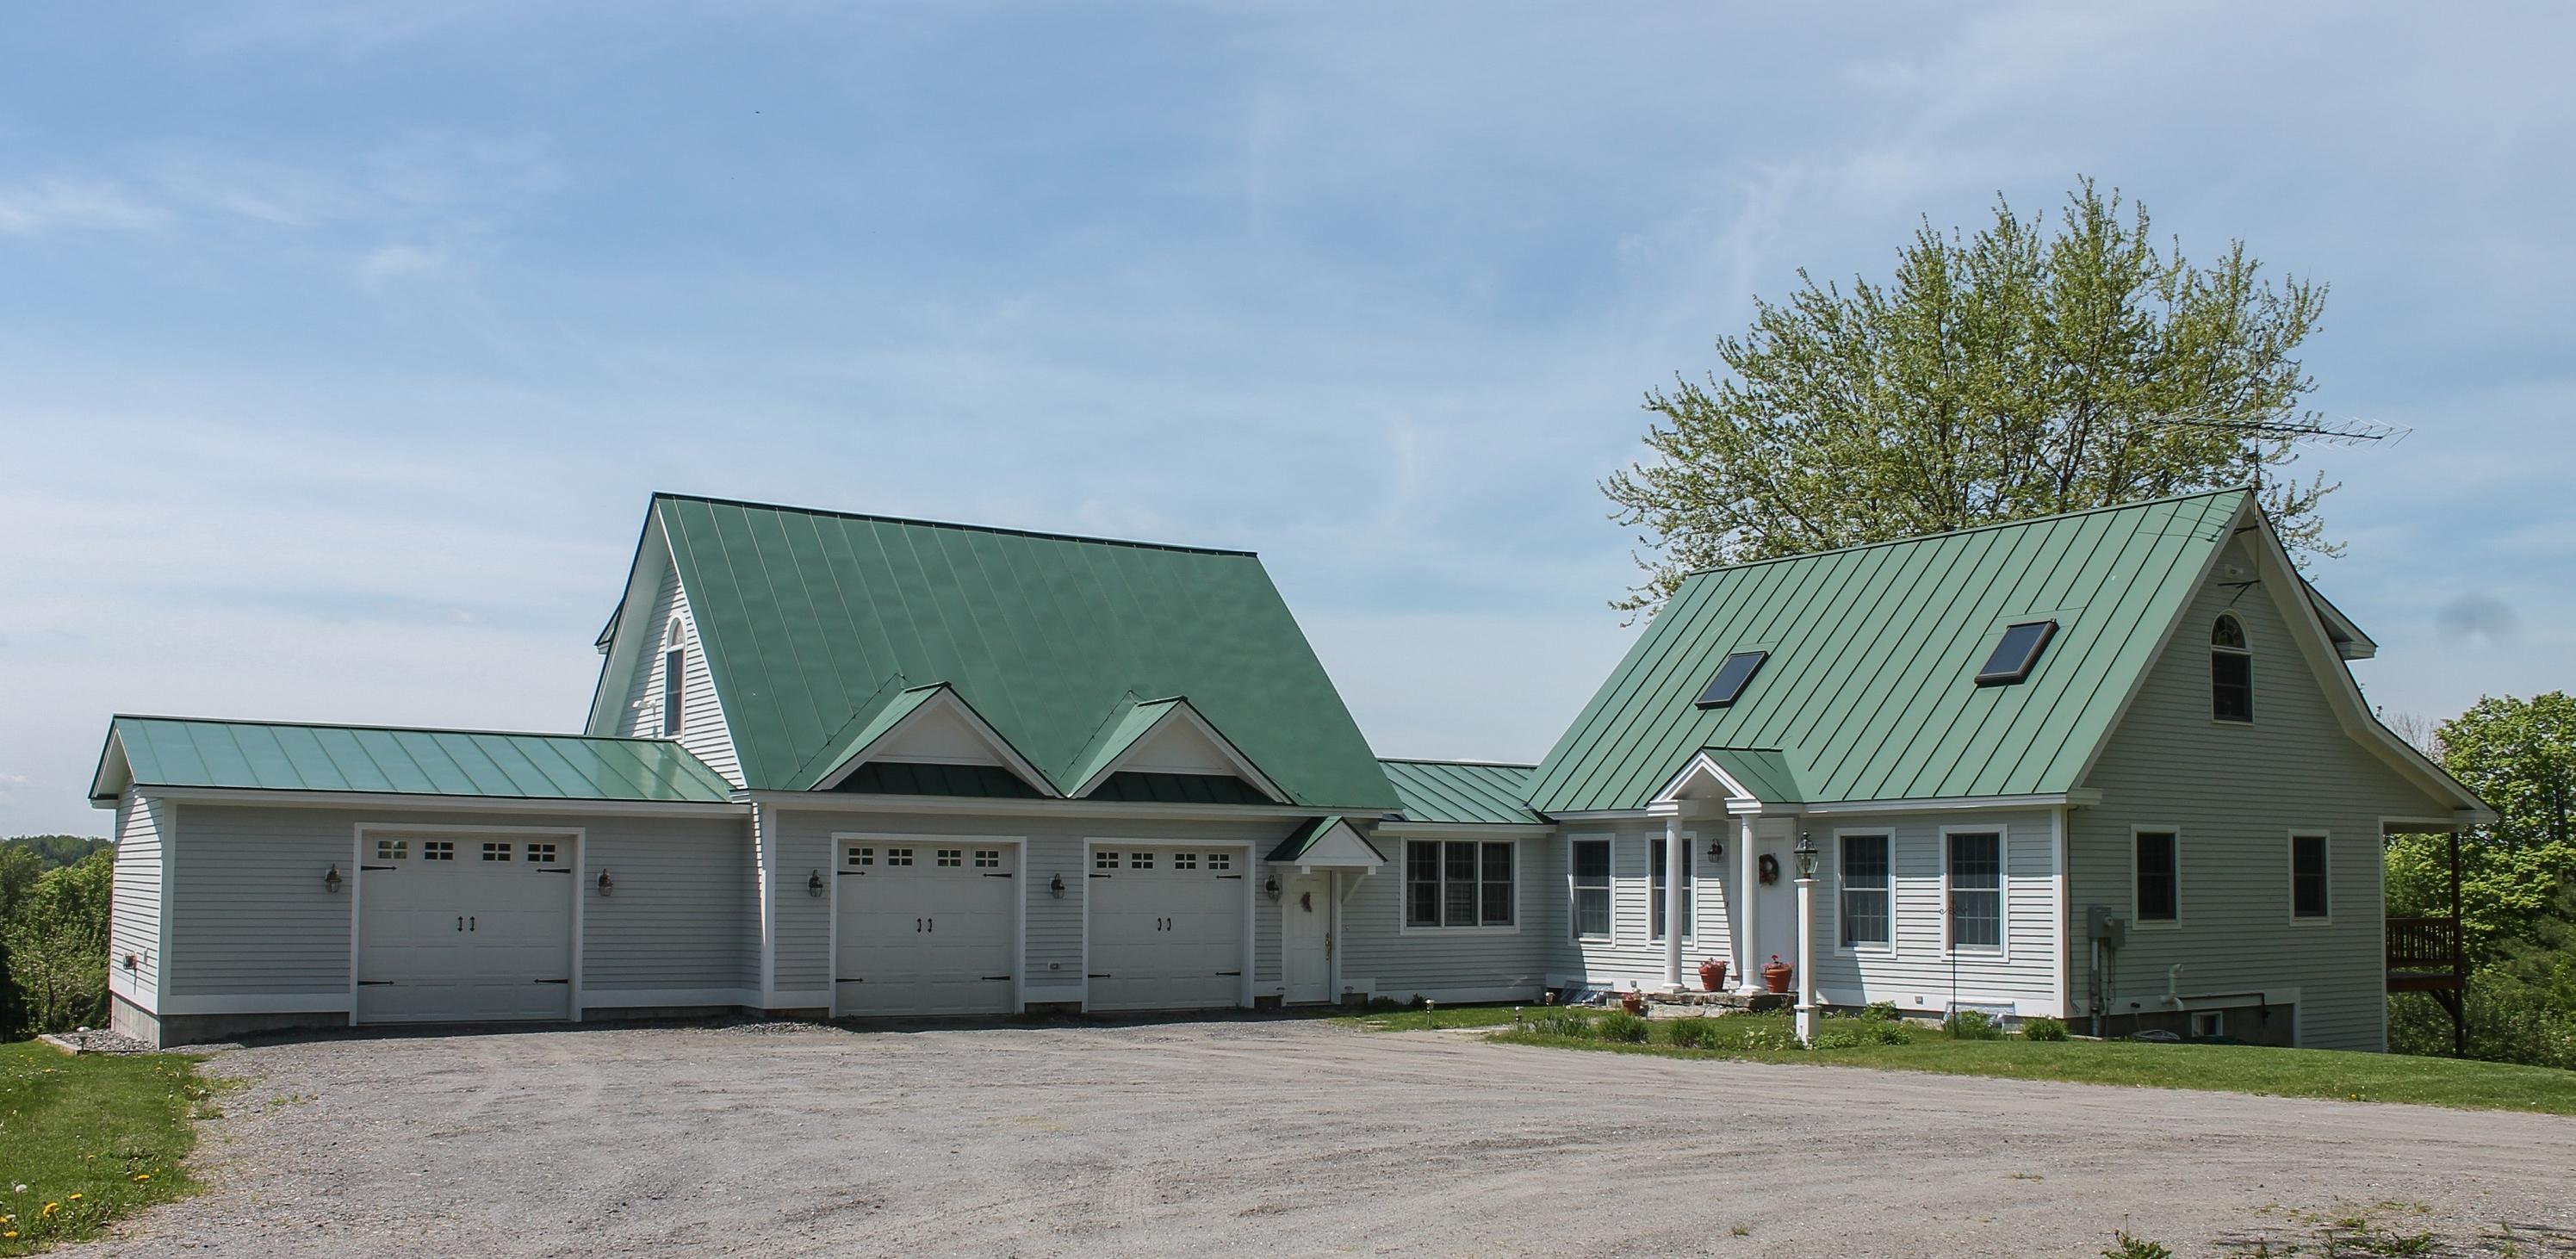 단독 가정 주택 용 매매 에 52 Coddington Road, Washington 52 Coddington Rd Washington, 베르몬트, 05675 미국